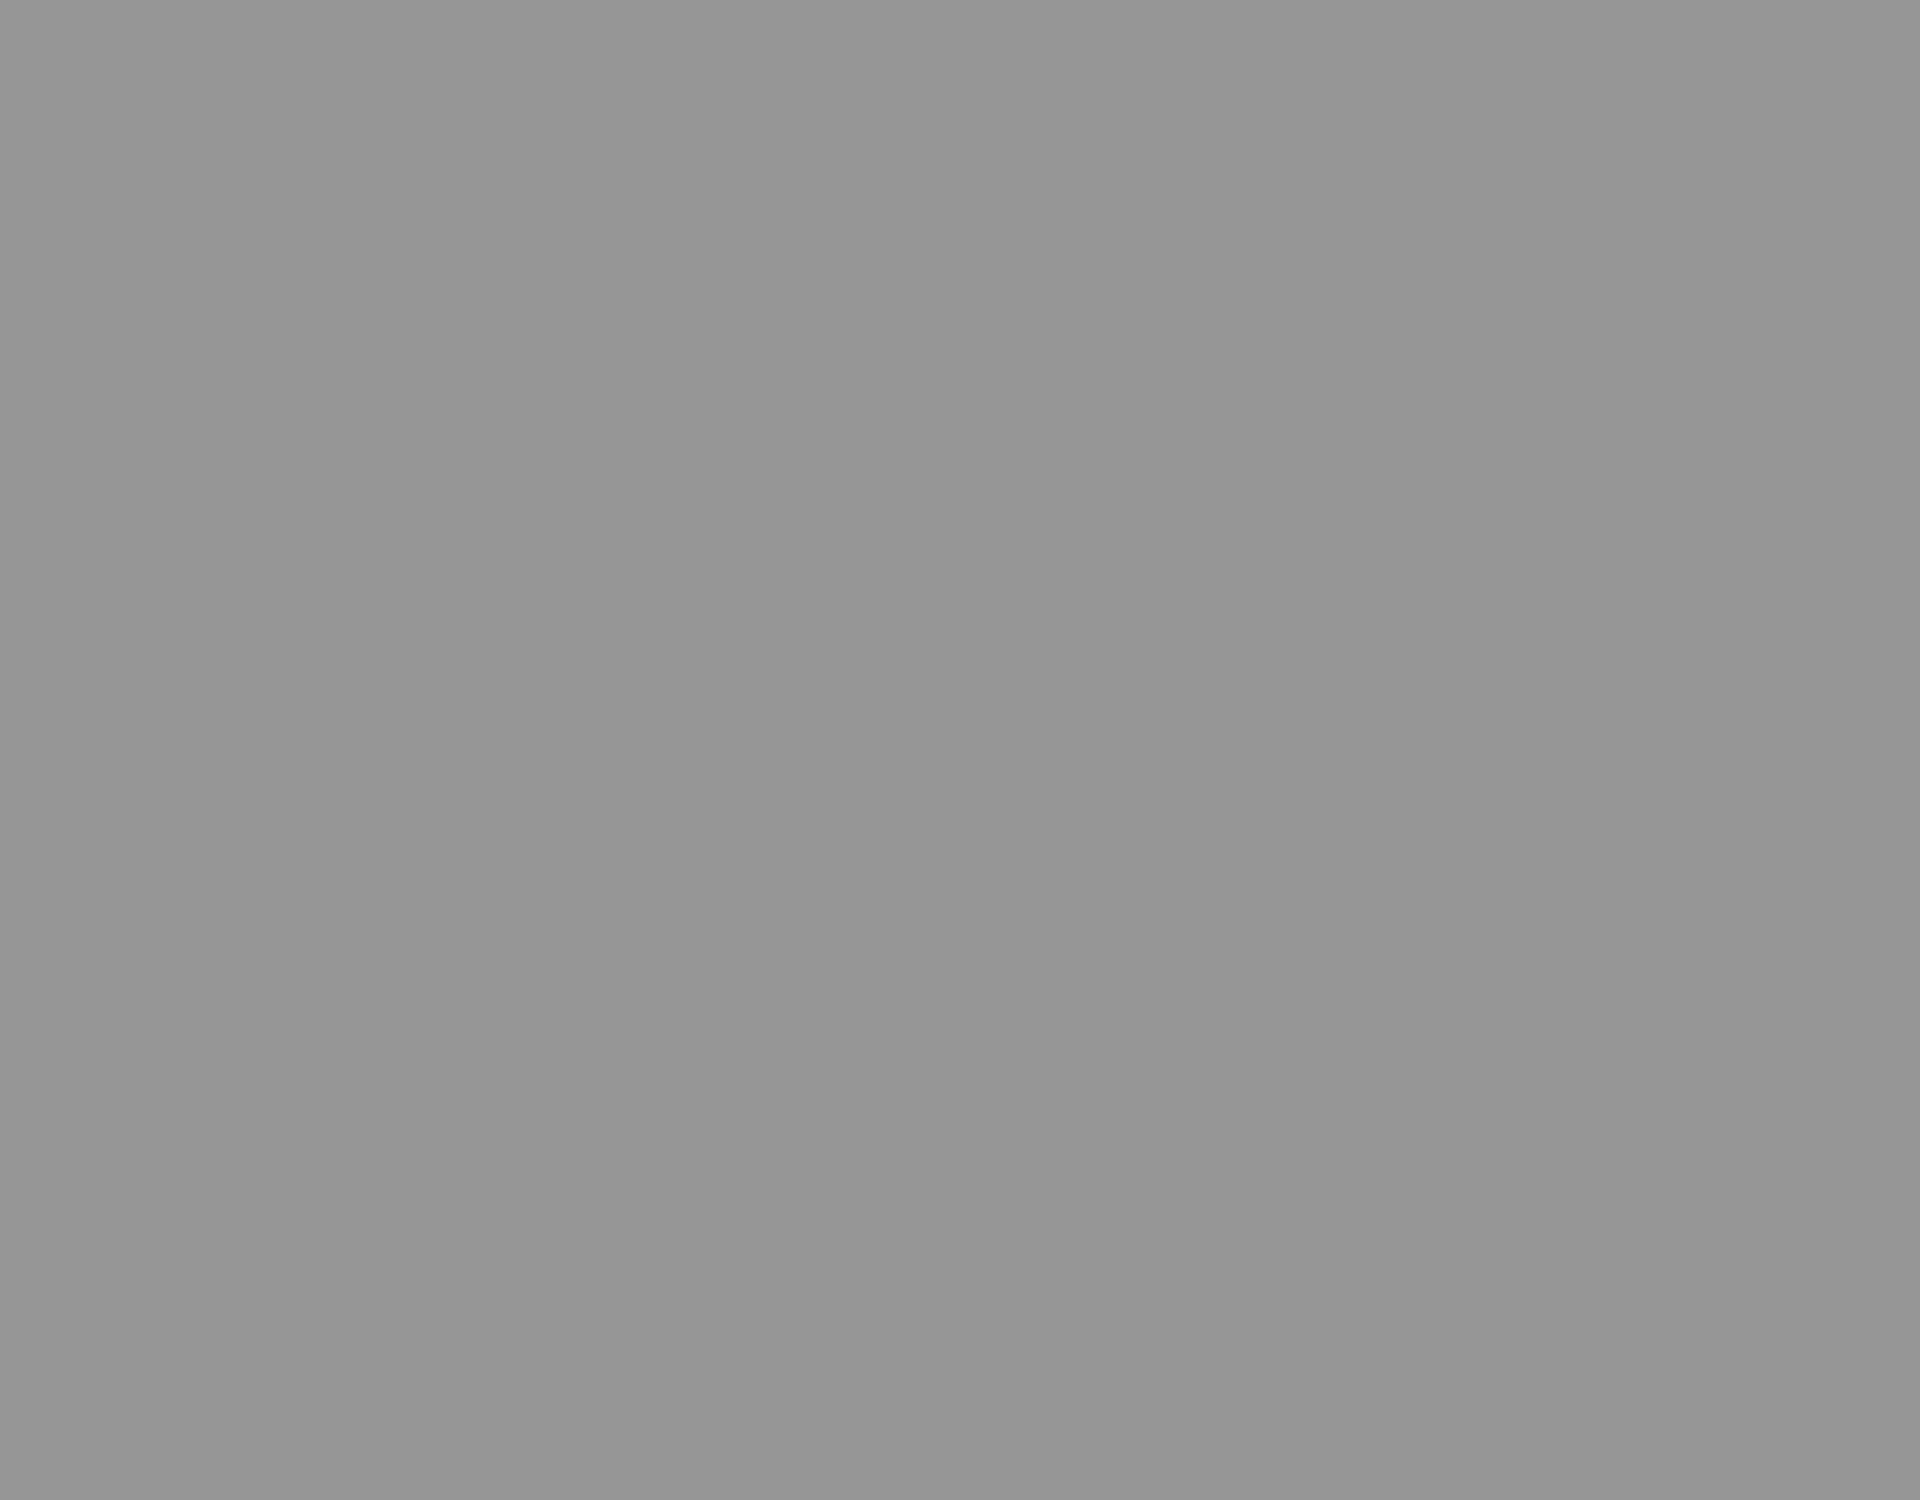 1920x1500_1_Prozent